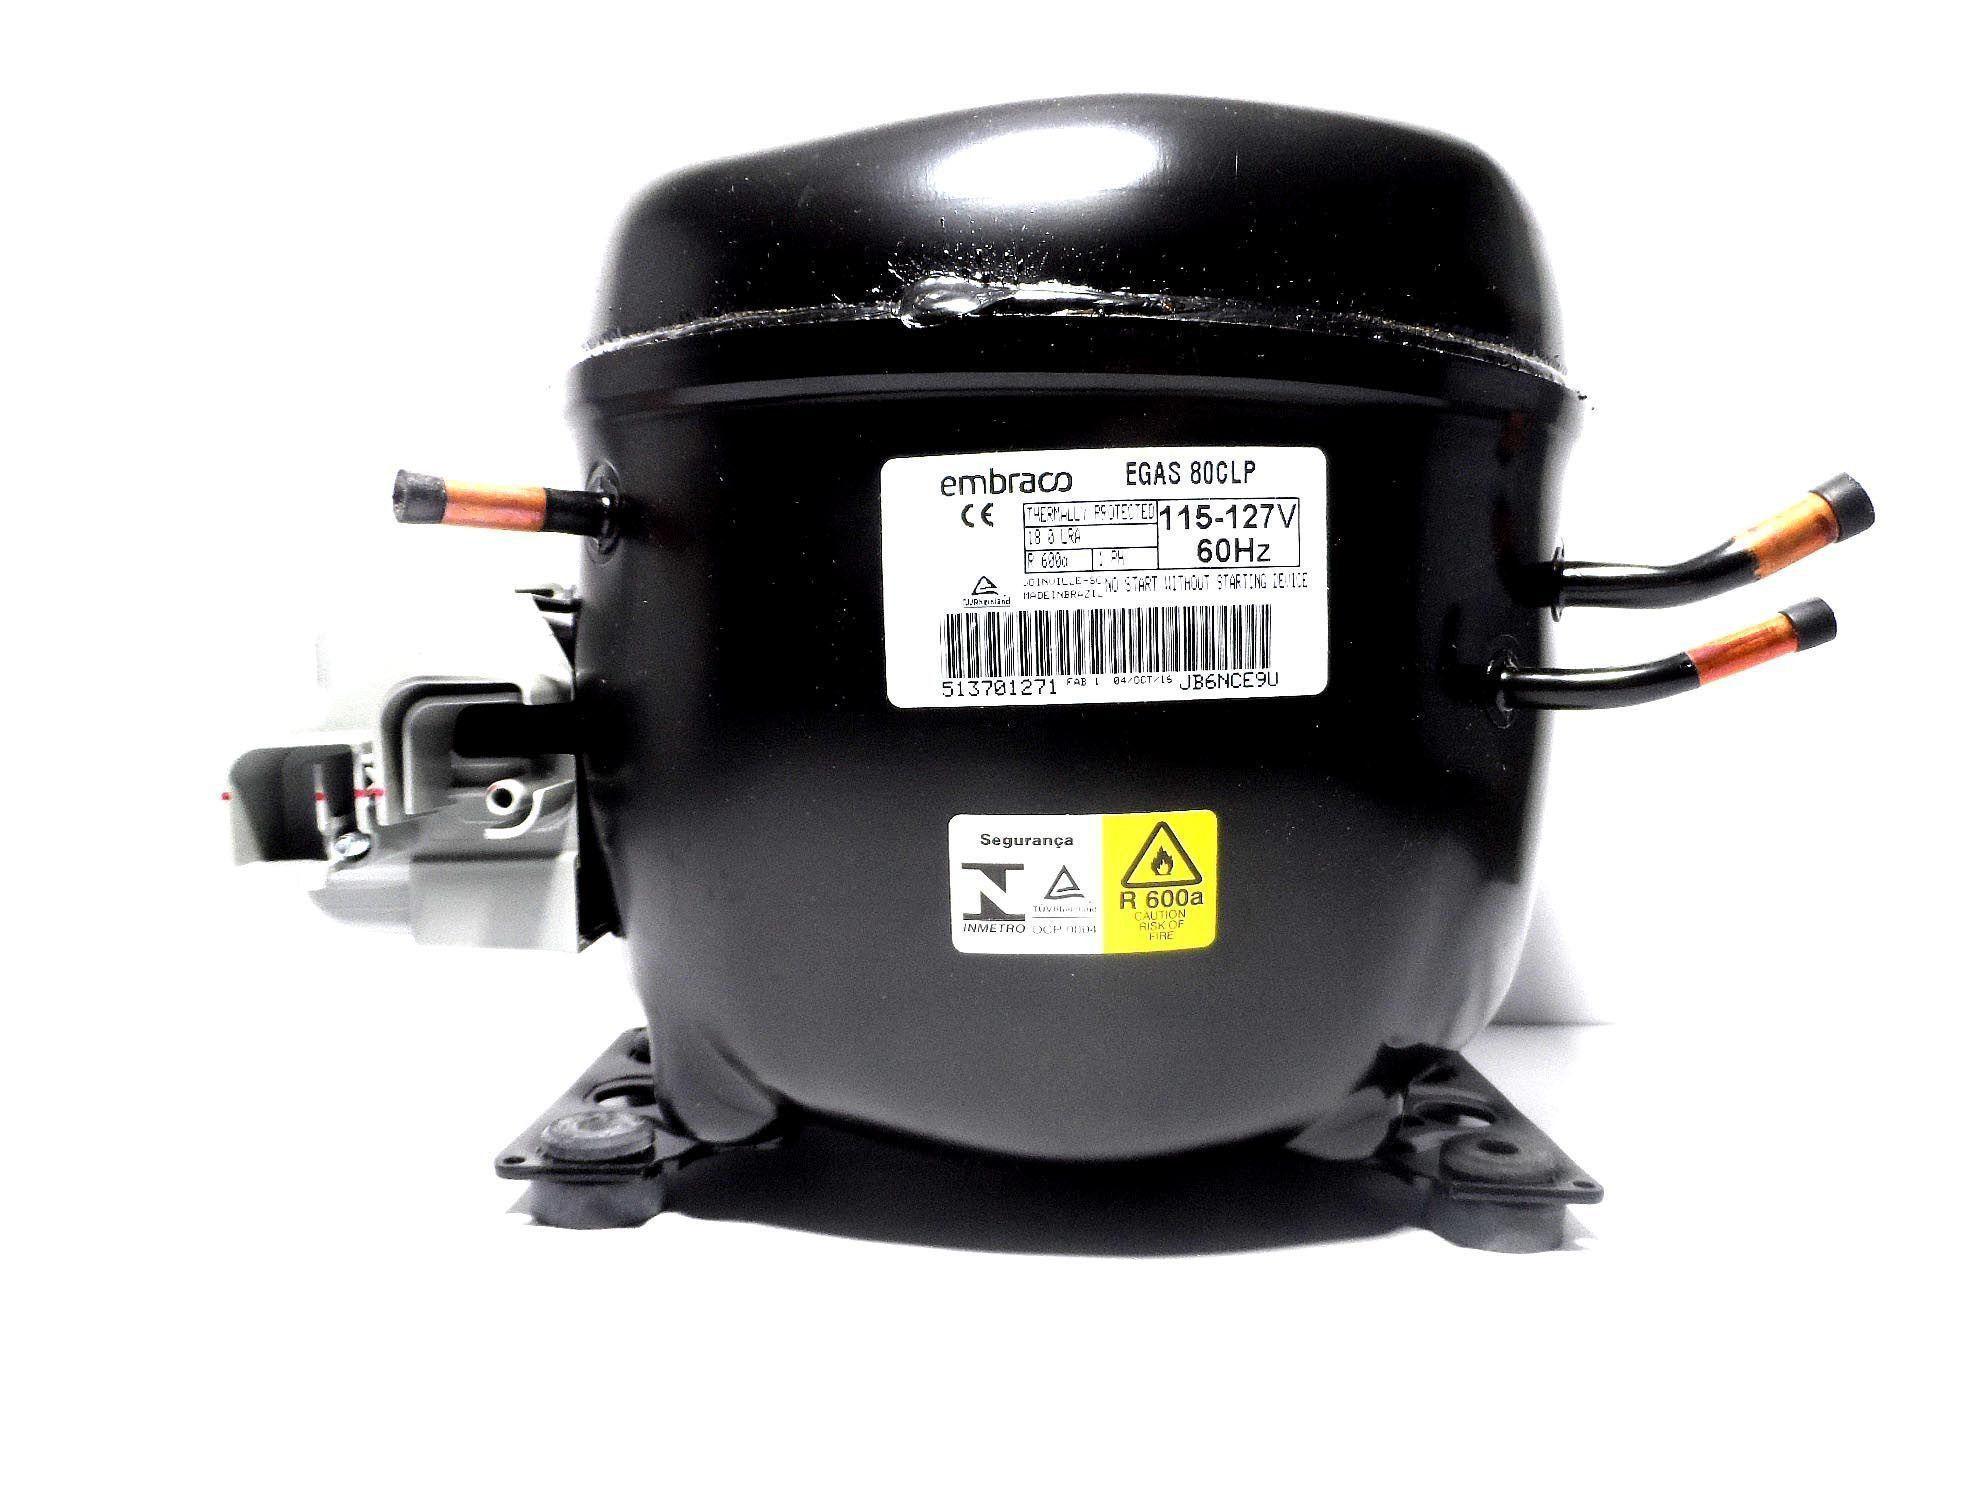 Motor Compressor Embraco 1/4 127V R600 Geladeira EGAS80CLP W10388219